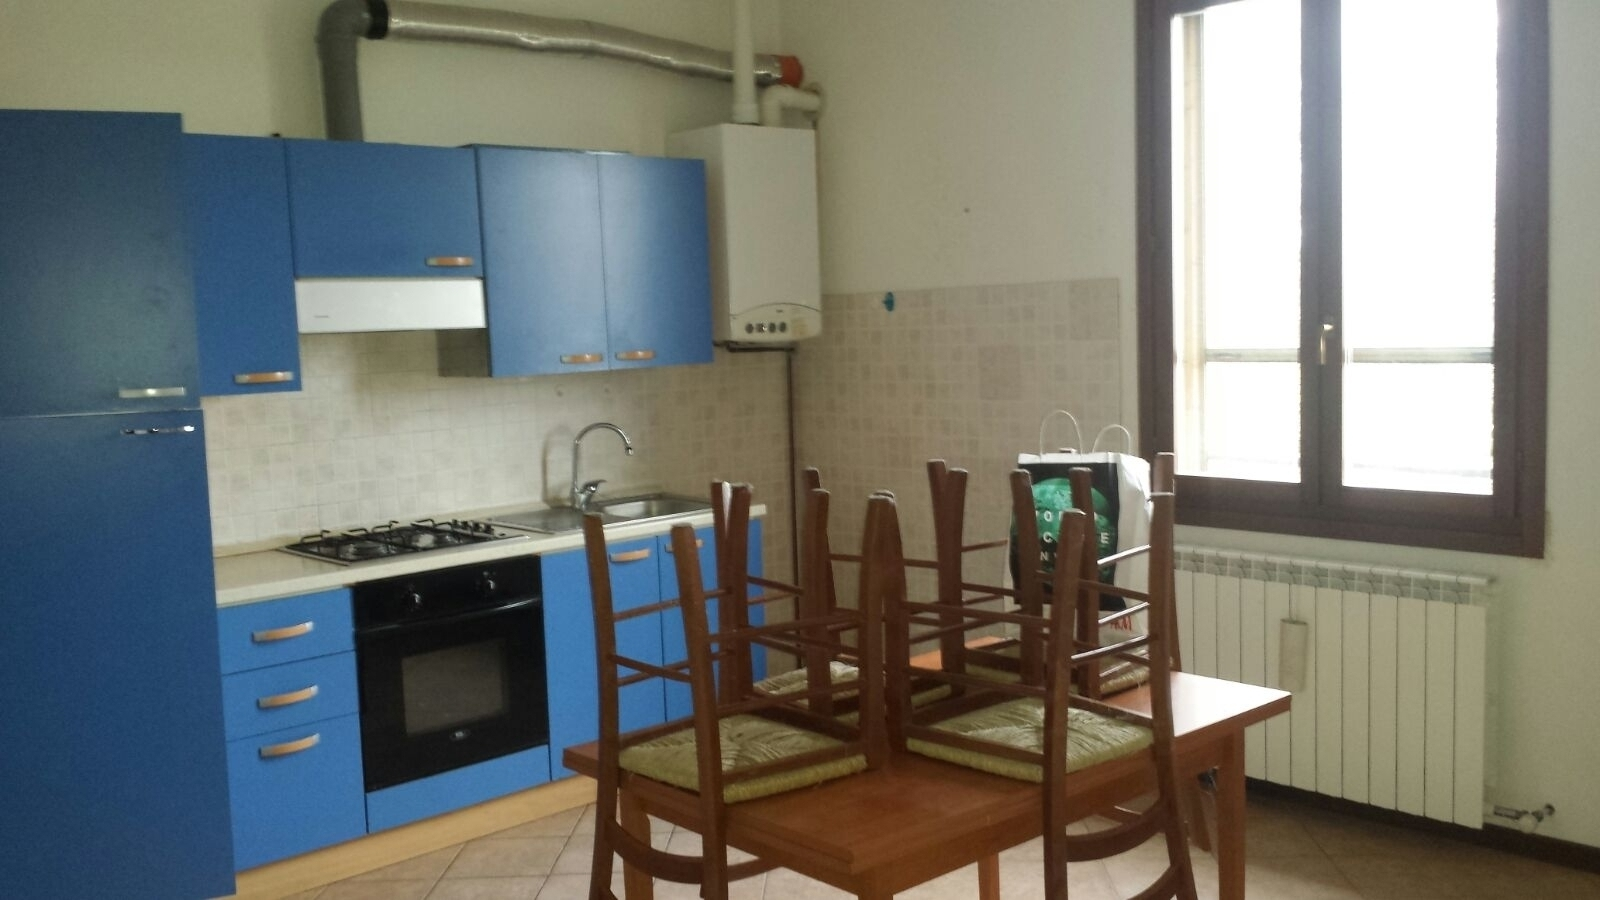 Appartamento in affitto a Castel Bolognese, 3 locali, zona Località: CastelBolognese, prezzo € 400 | Cambio Casa.it